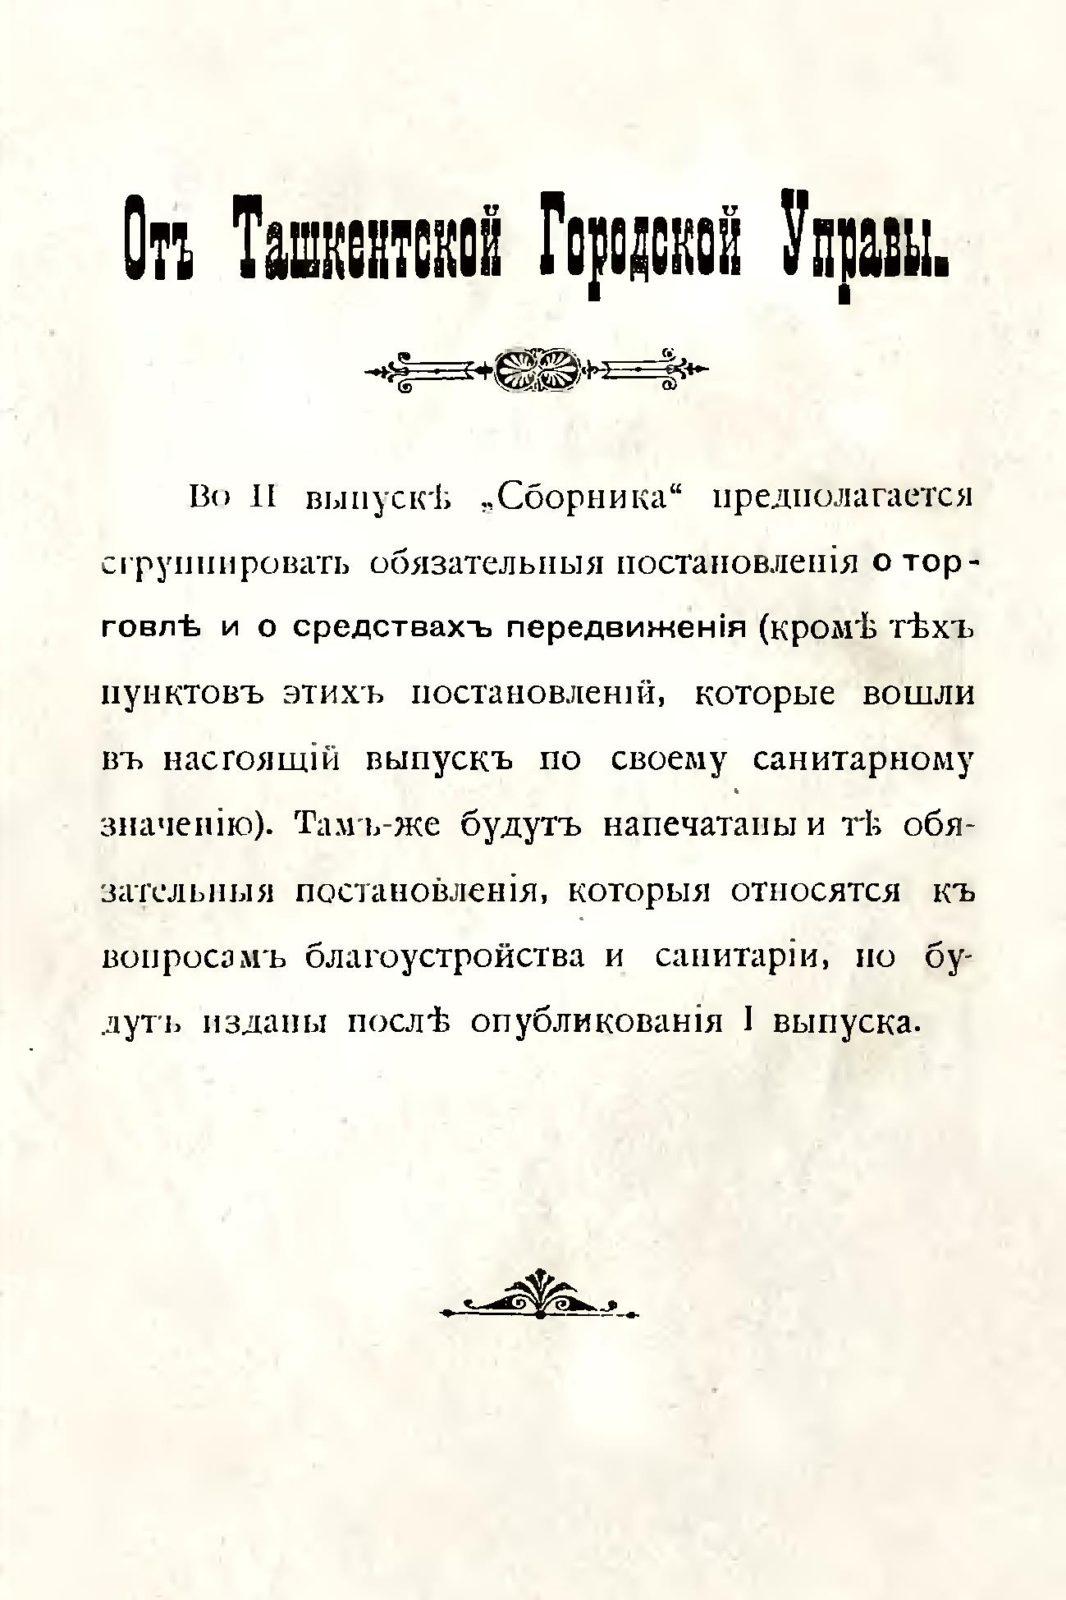 sbornik_obyazatelnyh_postanovlenii_tashkentskoi_gorodskoi_du_2